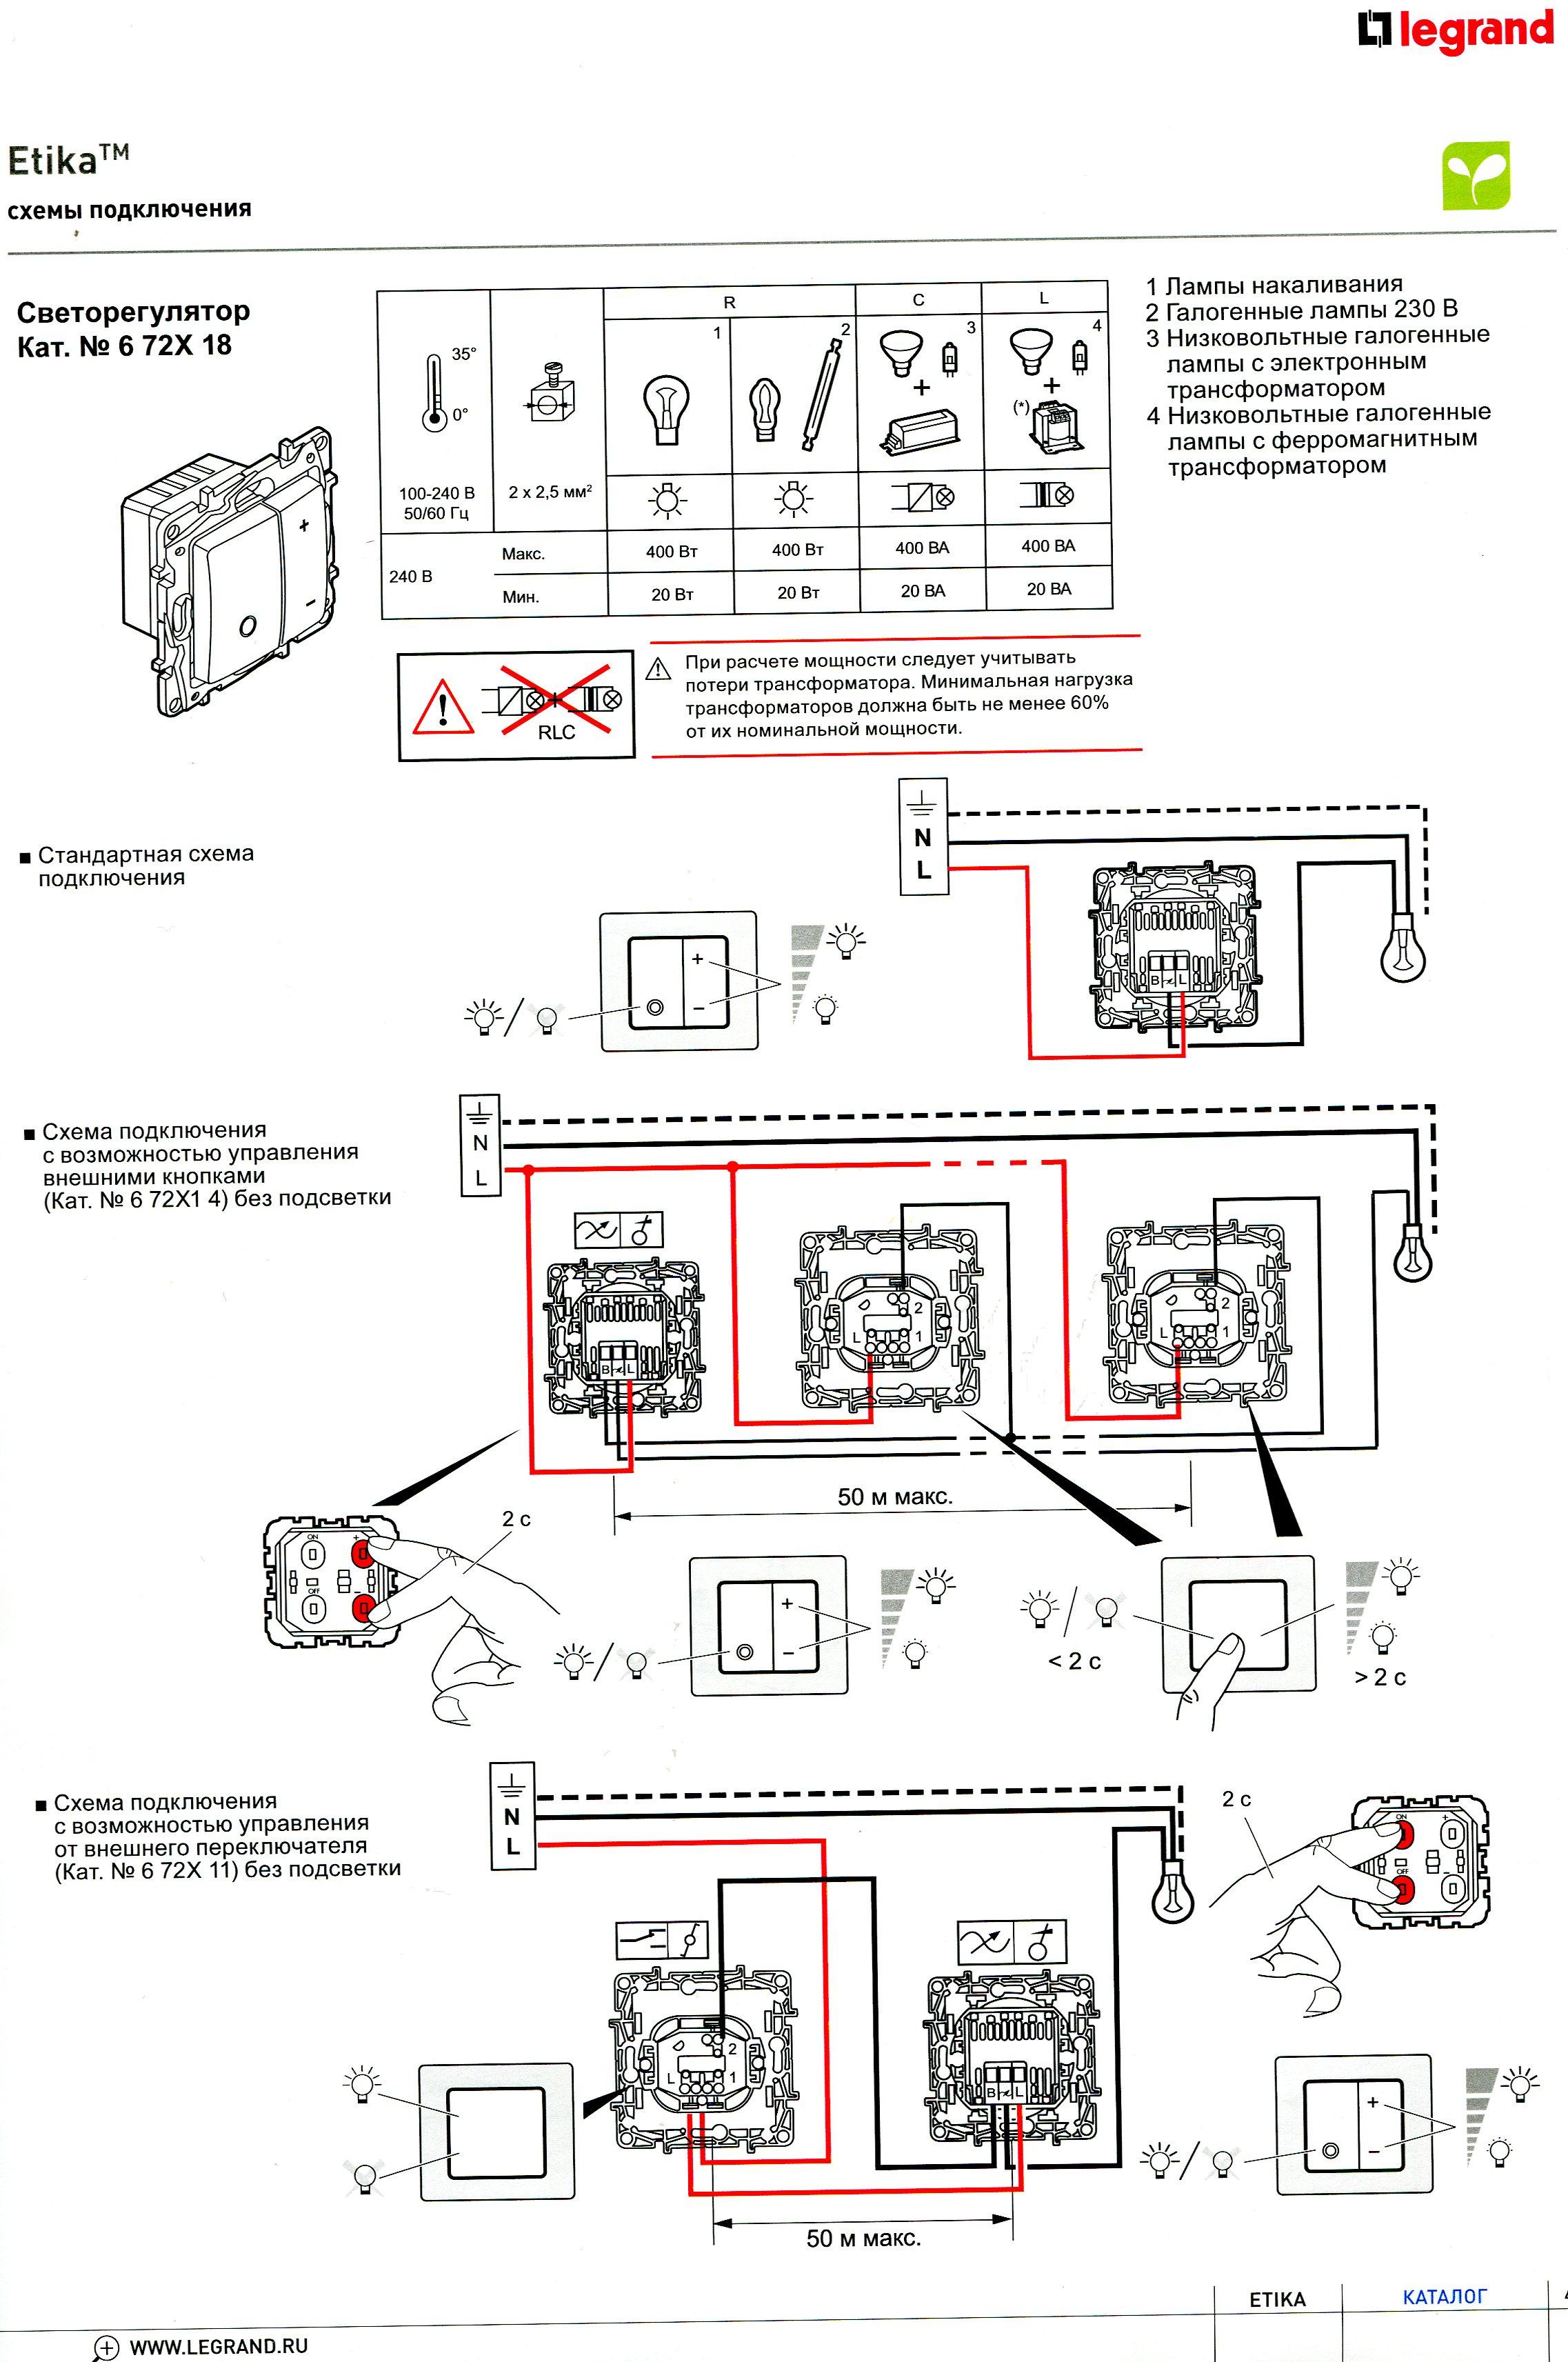 Двойной выключатель с диммером схема